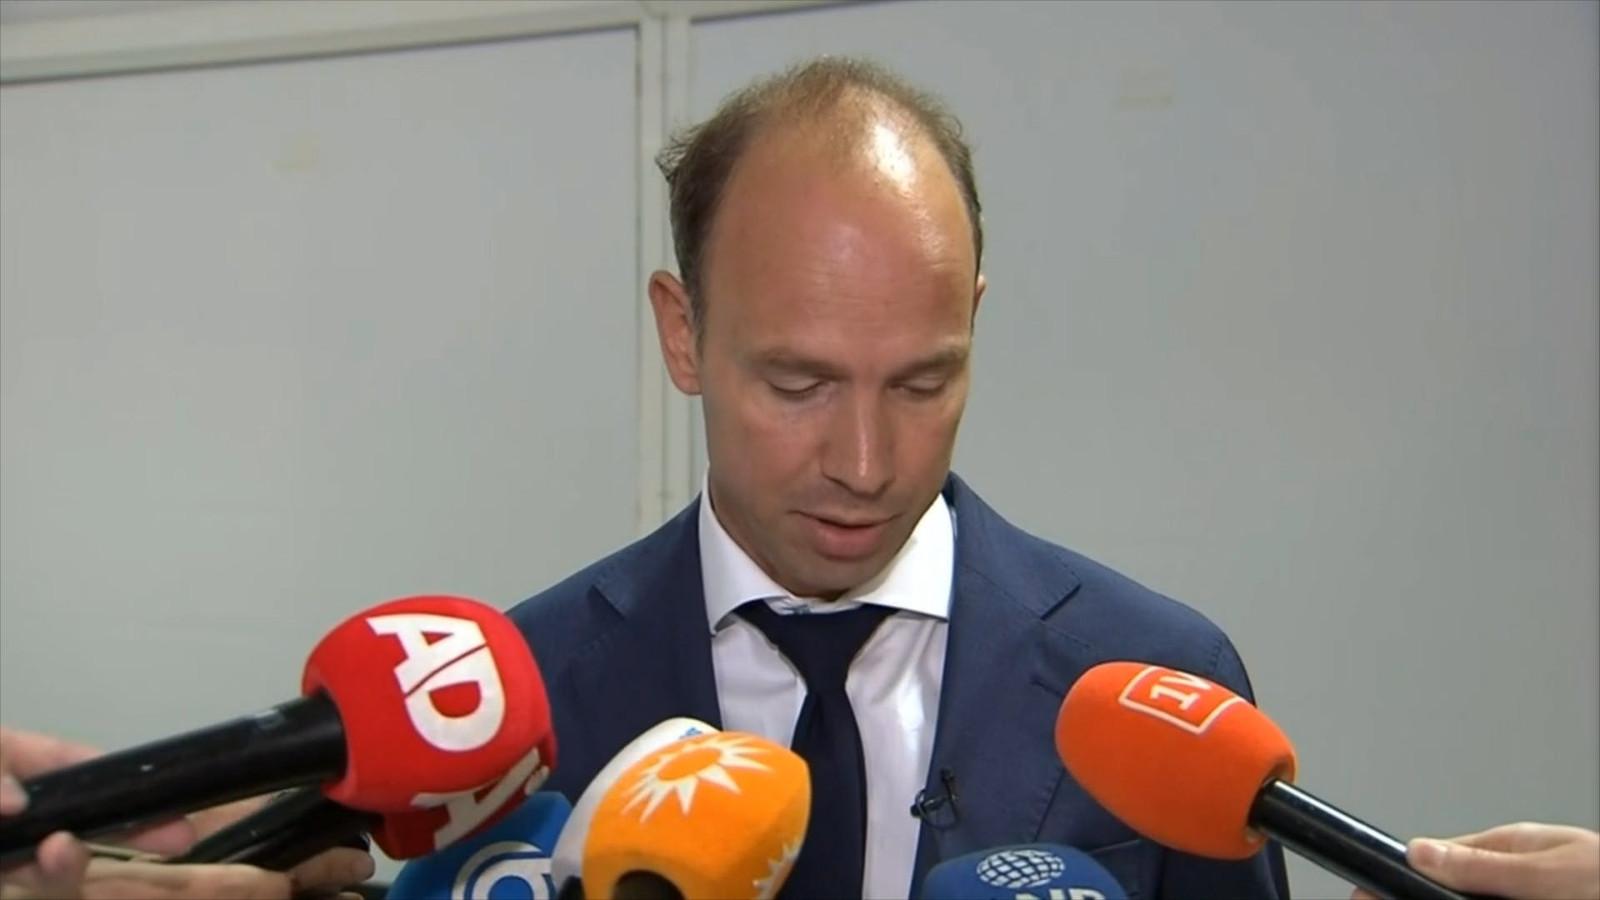 Advocaat Sander Janssen las een verklaring van Willem Holleeder voor kort na de uitspraak van de rechter.